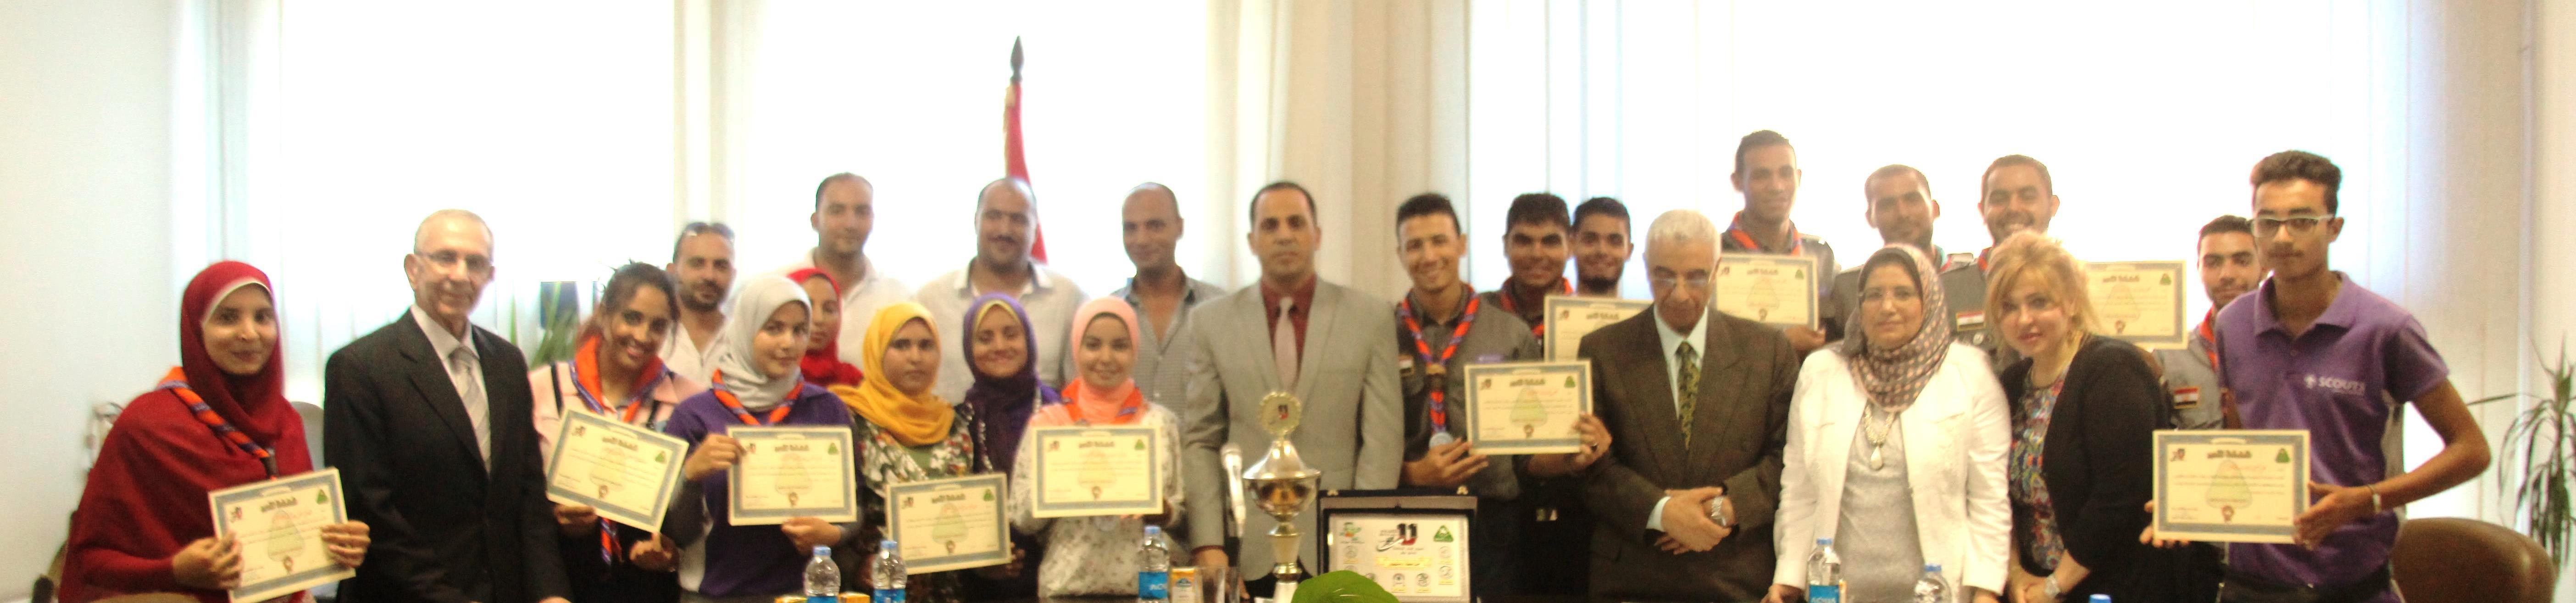 جامعة دمنهور تحصل على المركز الأول على مستوى الجامعات المصرية  1